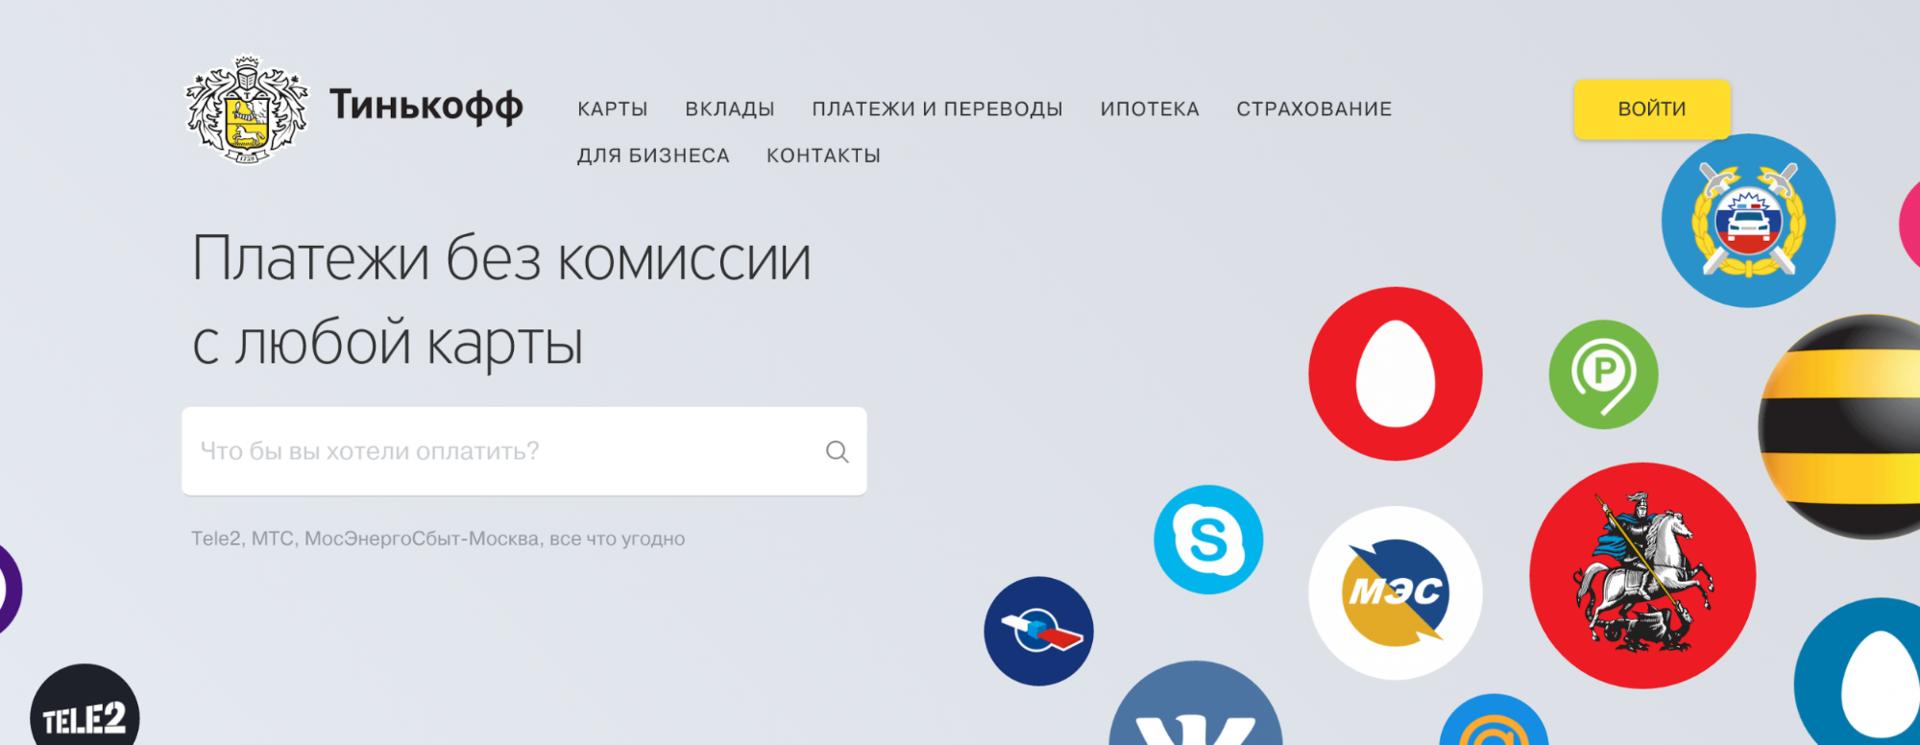 Как мы разрабатываем новый фронтенд Tinkoff.ru   Блог компании ... 2651bc2ce7e